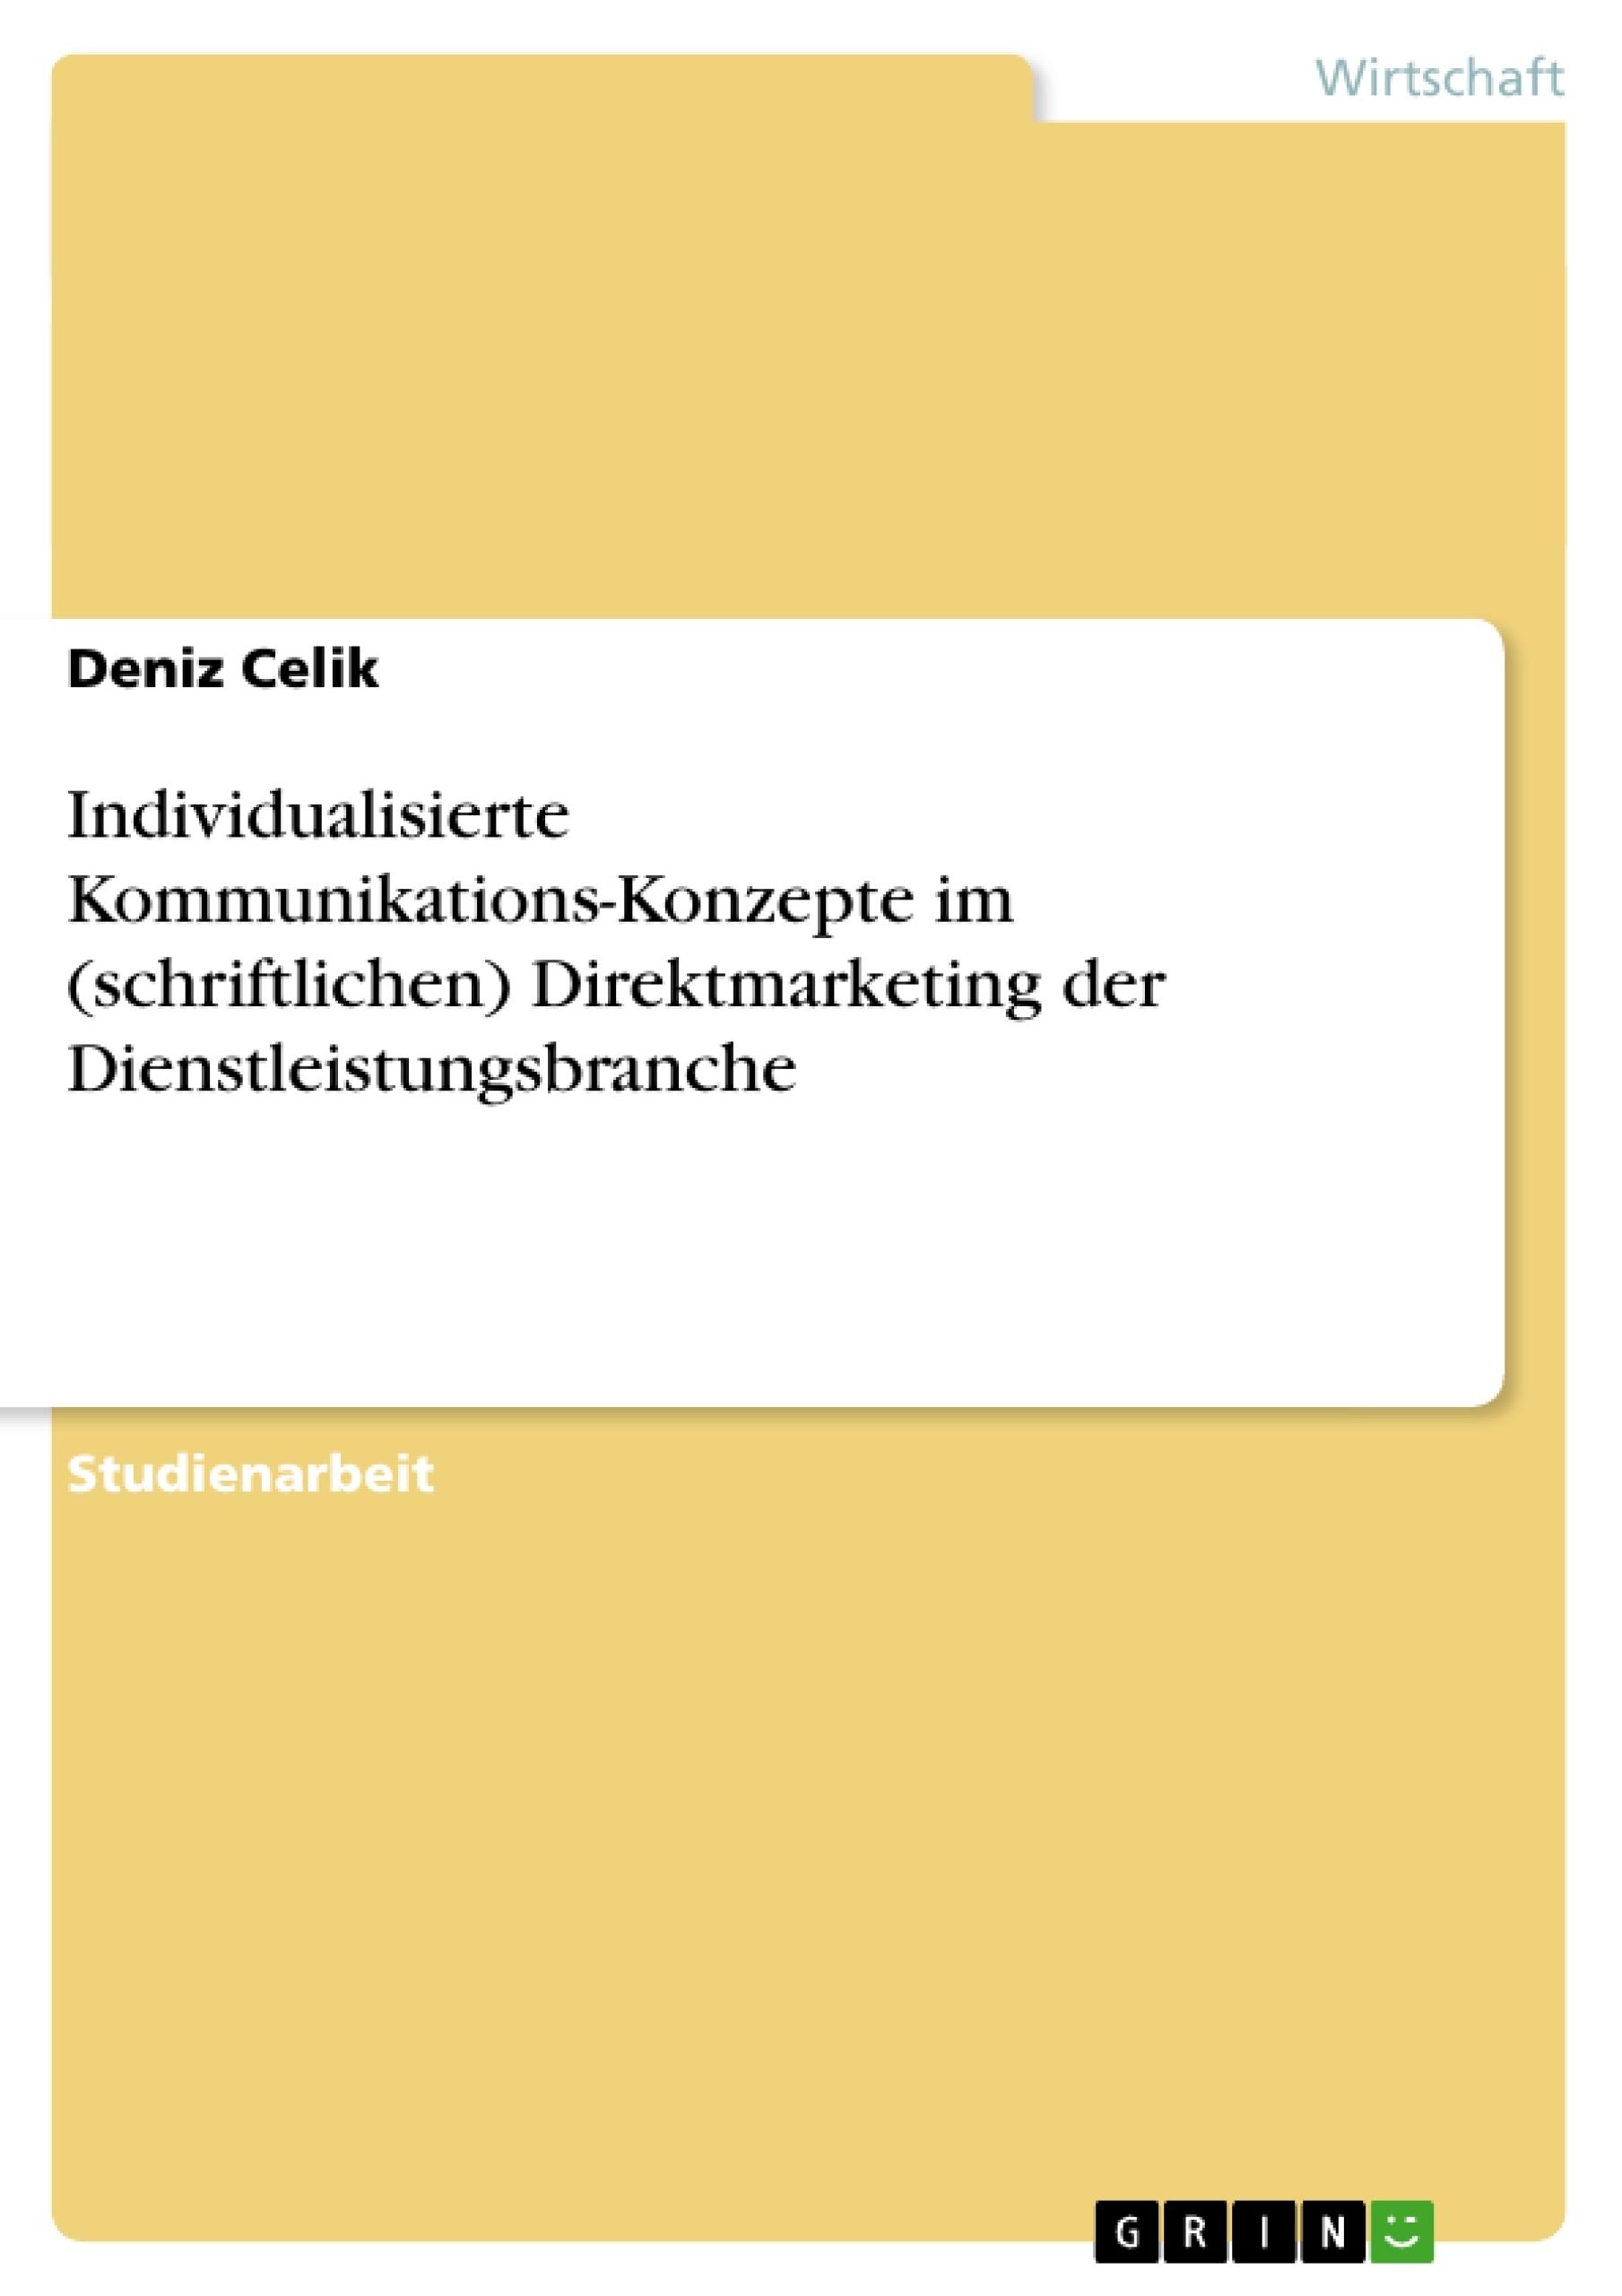 Titel: Individualisierte Kommunikations-Konzepte im (schriftlichen) Direktmarketing der Dienstleistungsbranche